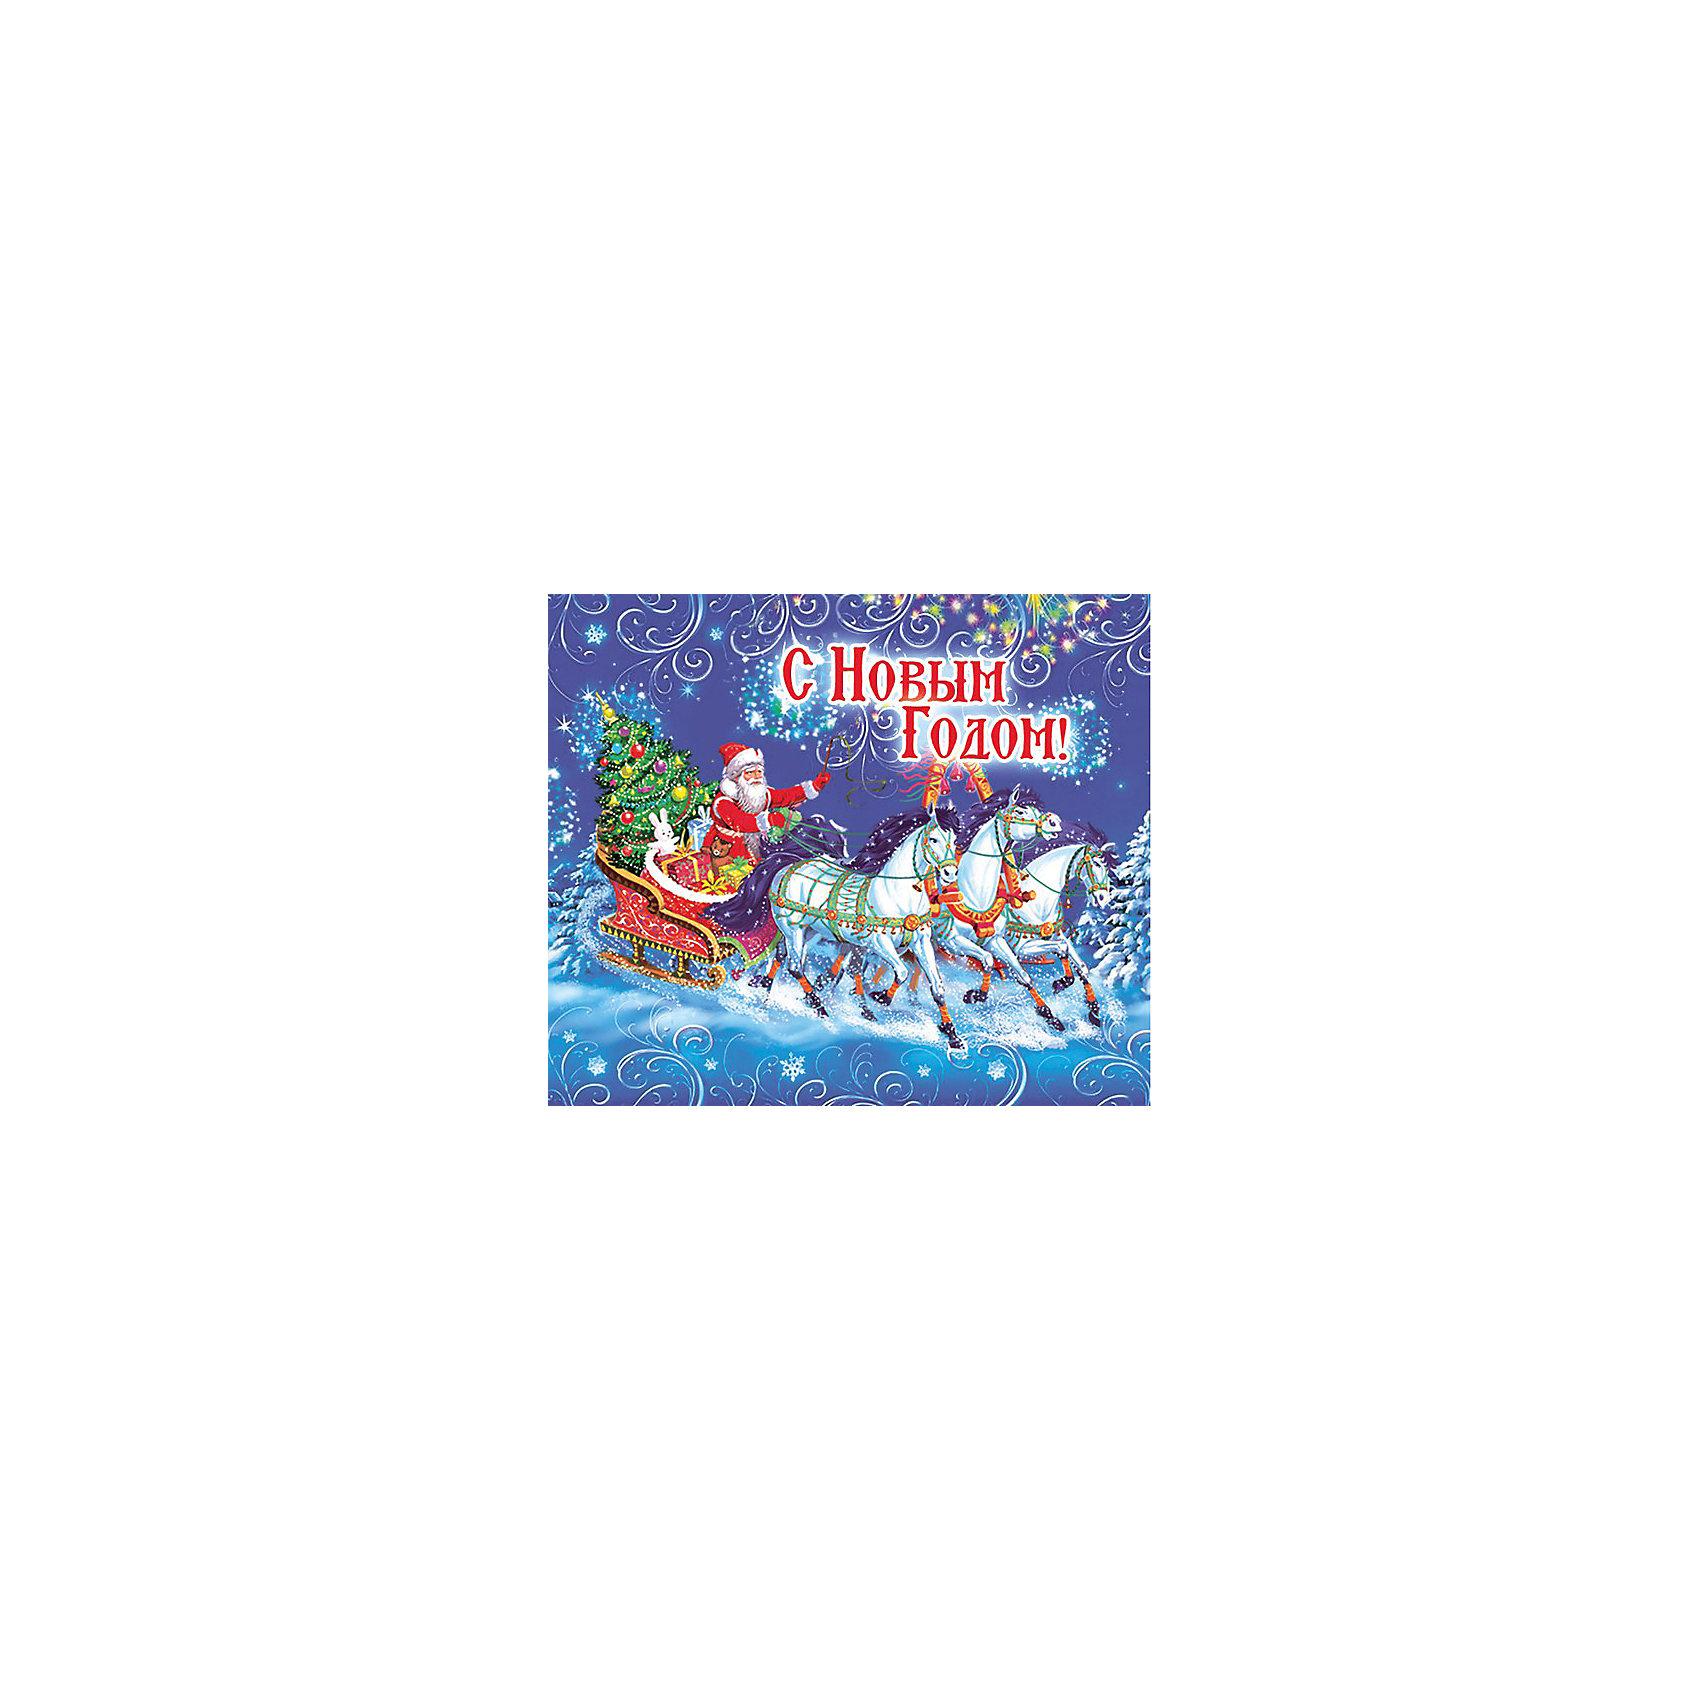 Магнит Дед Мороз на тройкеМагнит Дед Мороз на тройке - впустите атмосферу зимы и праздников в ваш дом! С этим подарочным магнитом так весело наряжать дом и радовать близких. небольшой прямоугольный магнитик смотрится как полноценная небольшая картинка. На магните изображен дед Мороз, выезжающий из леса к детям на своей тройке лошадей, чтобы подарить им подарки и привезти нарядную ёлочку. На магните также изображена надпись «С Новым Годом». Устройте сюрприз вашим близким!<br>Дополнительная информация:<br><br>- Размер: 5 * 6 см.<br>- Материал: агломеррированный феррит<br>Магнит Дед Мороз на тройке можно купить в нашем интернет-магазине.<br>Подробнее:<br>• Для детей в возрасте: от 3 лет<br>• Номер товара: 4981493<br>Страна производитель: Китай<br><br>Ширина мм: 100<br>Глубина мм: 100<br>Высота мм: 10<br>Вес г: 150<br>Возраст от месяцев: 36<br>Возраст до месяцев: 2147483647<br>Пол: Унисекс<br>Возраст: Детский<br>SKU: 4981493